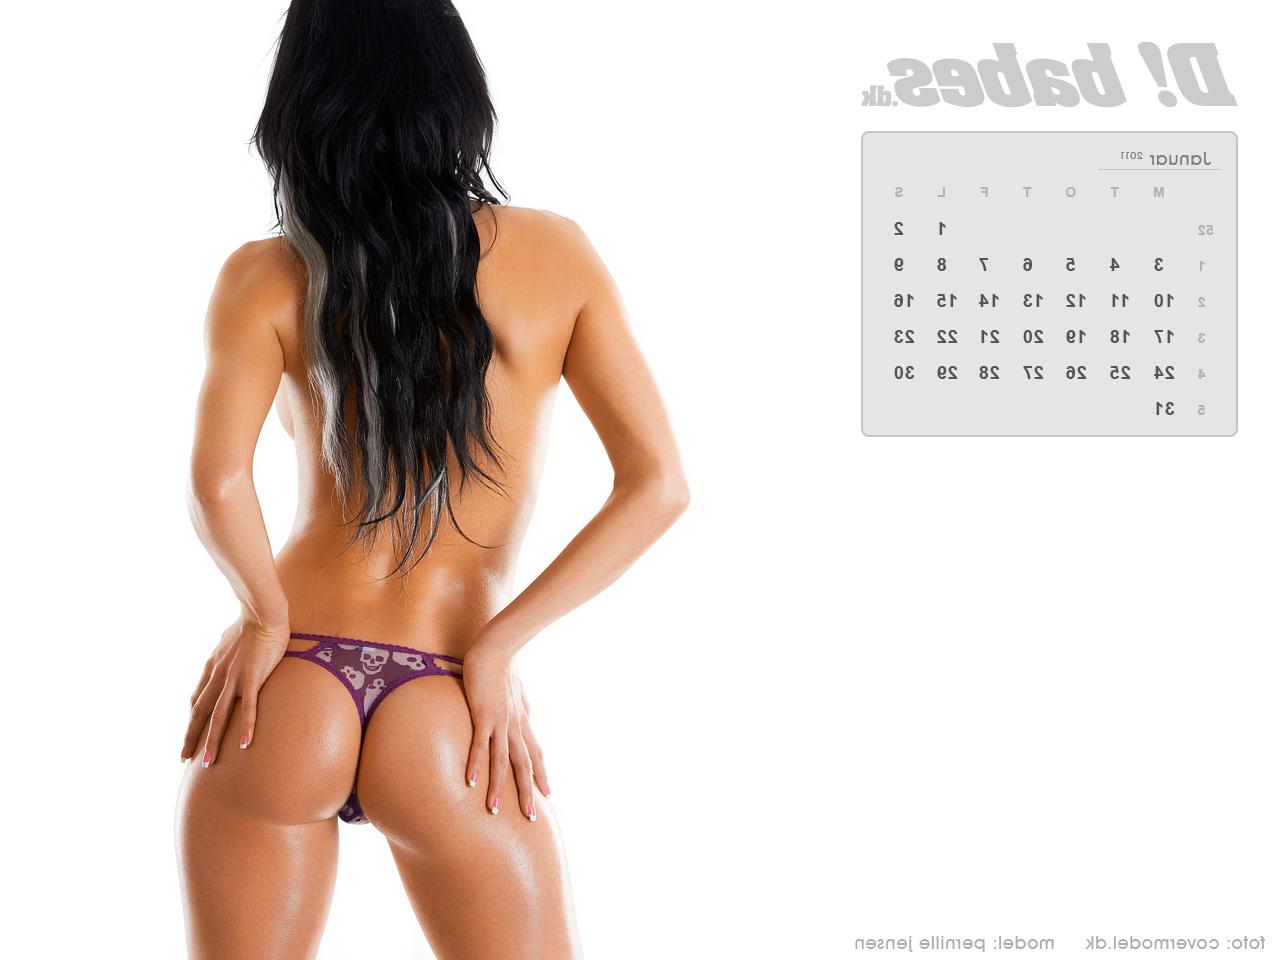 nøgne kvinder billeder kalender piger nøgne